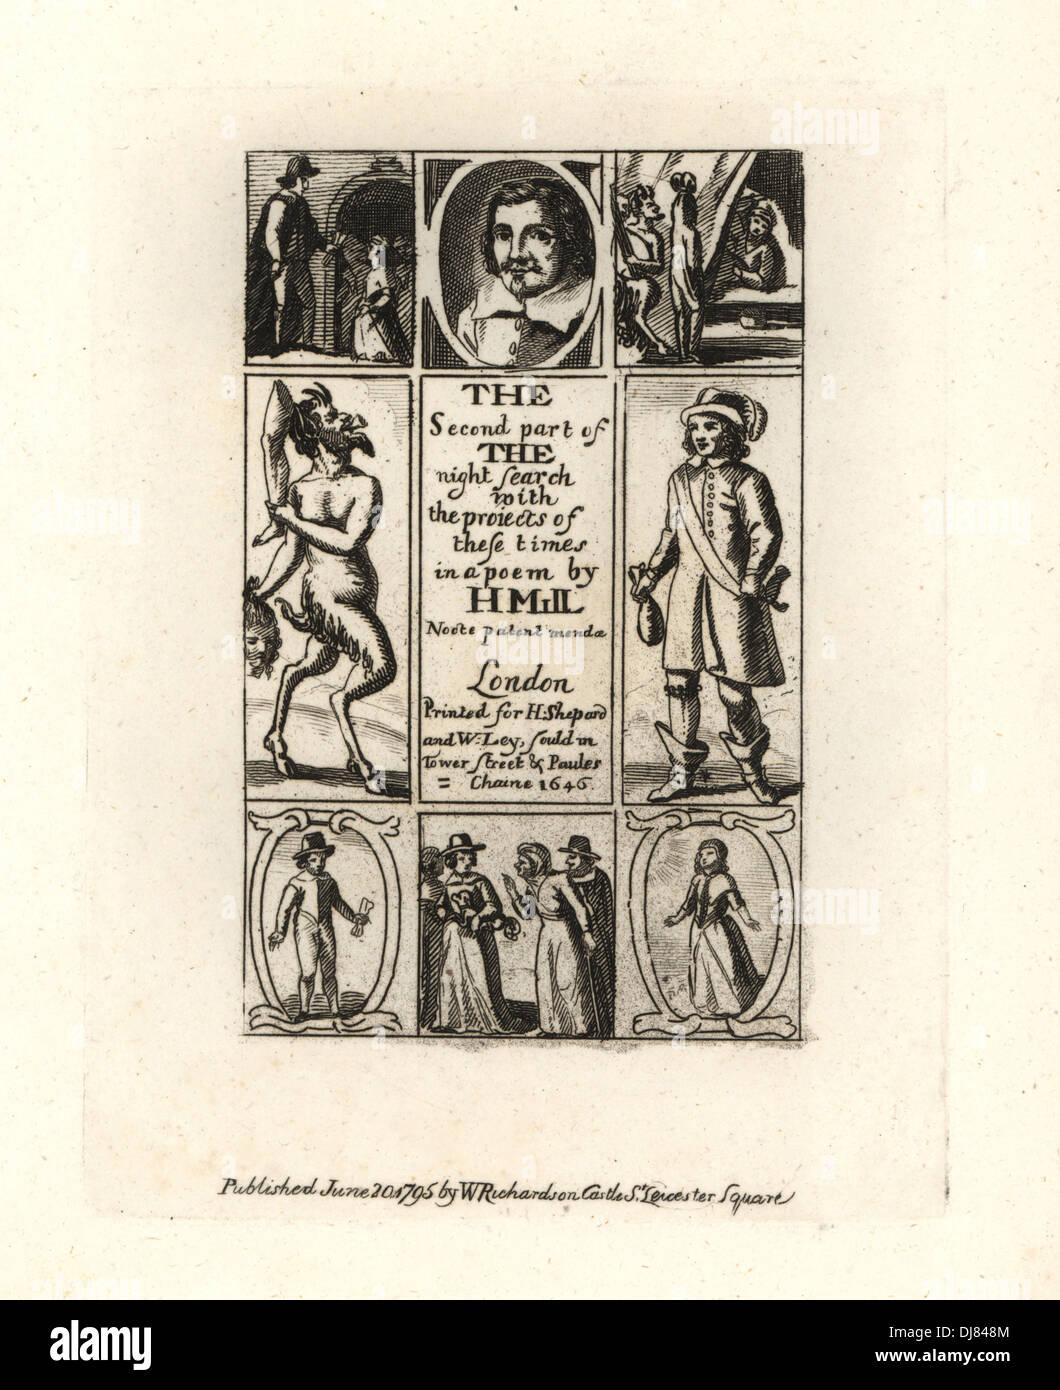 Humphrey Mill, Dichter. Porträt und Vignetten von Männern mit Taschen voller Gold und ein Dämon mit einem abgetrennten Kopf und Bein. Stockbild